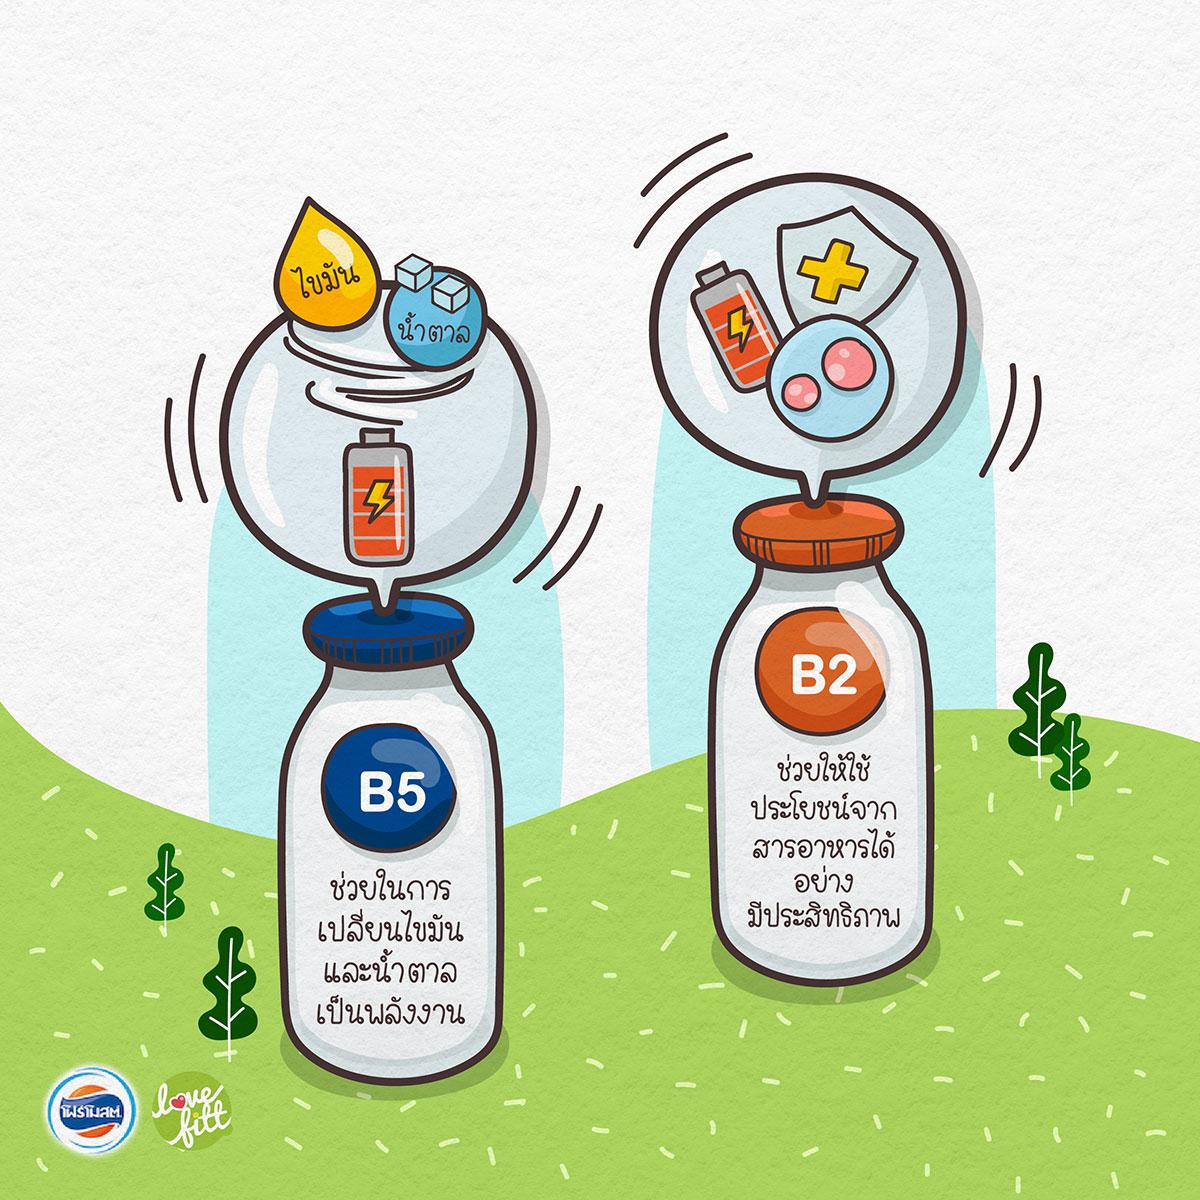 นมมีวิตามินบี 2 และ บี 5 ที่ช่วยให้เปี่ยมพลัง